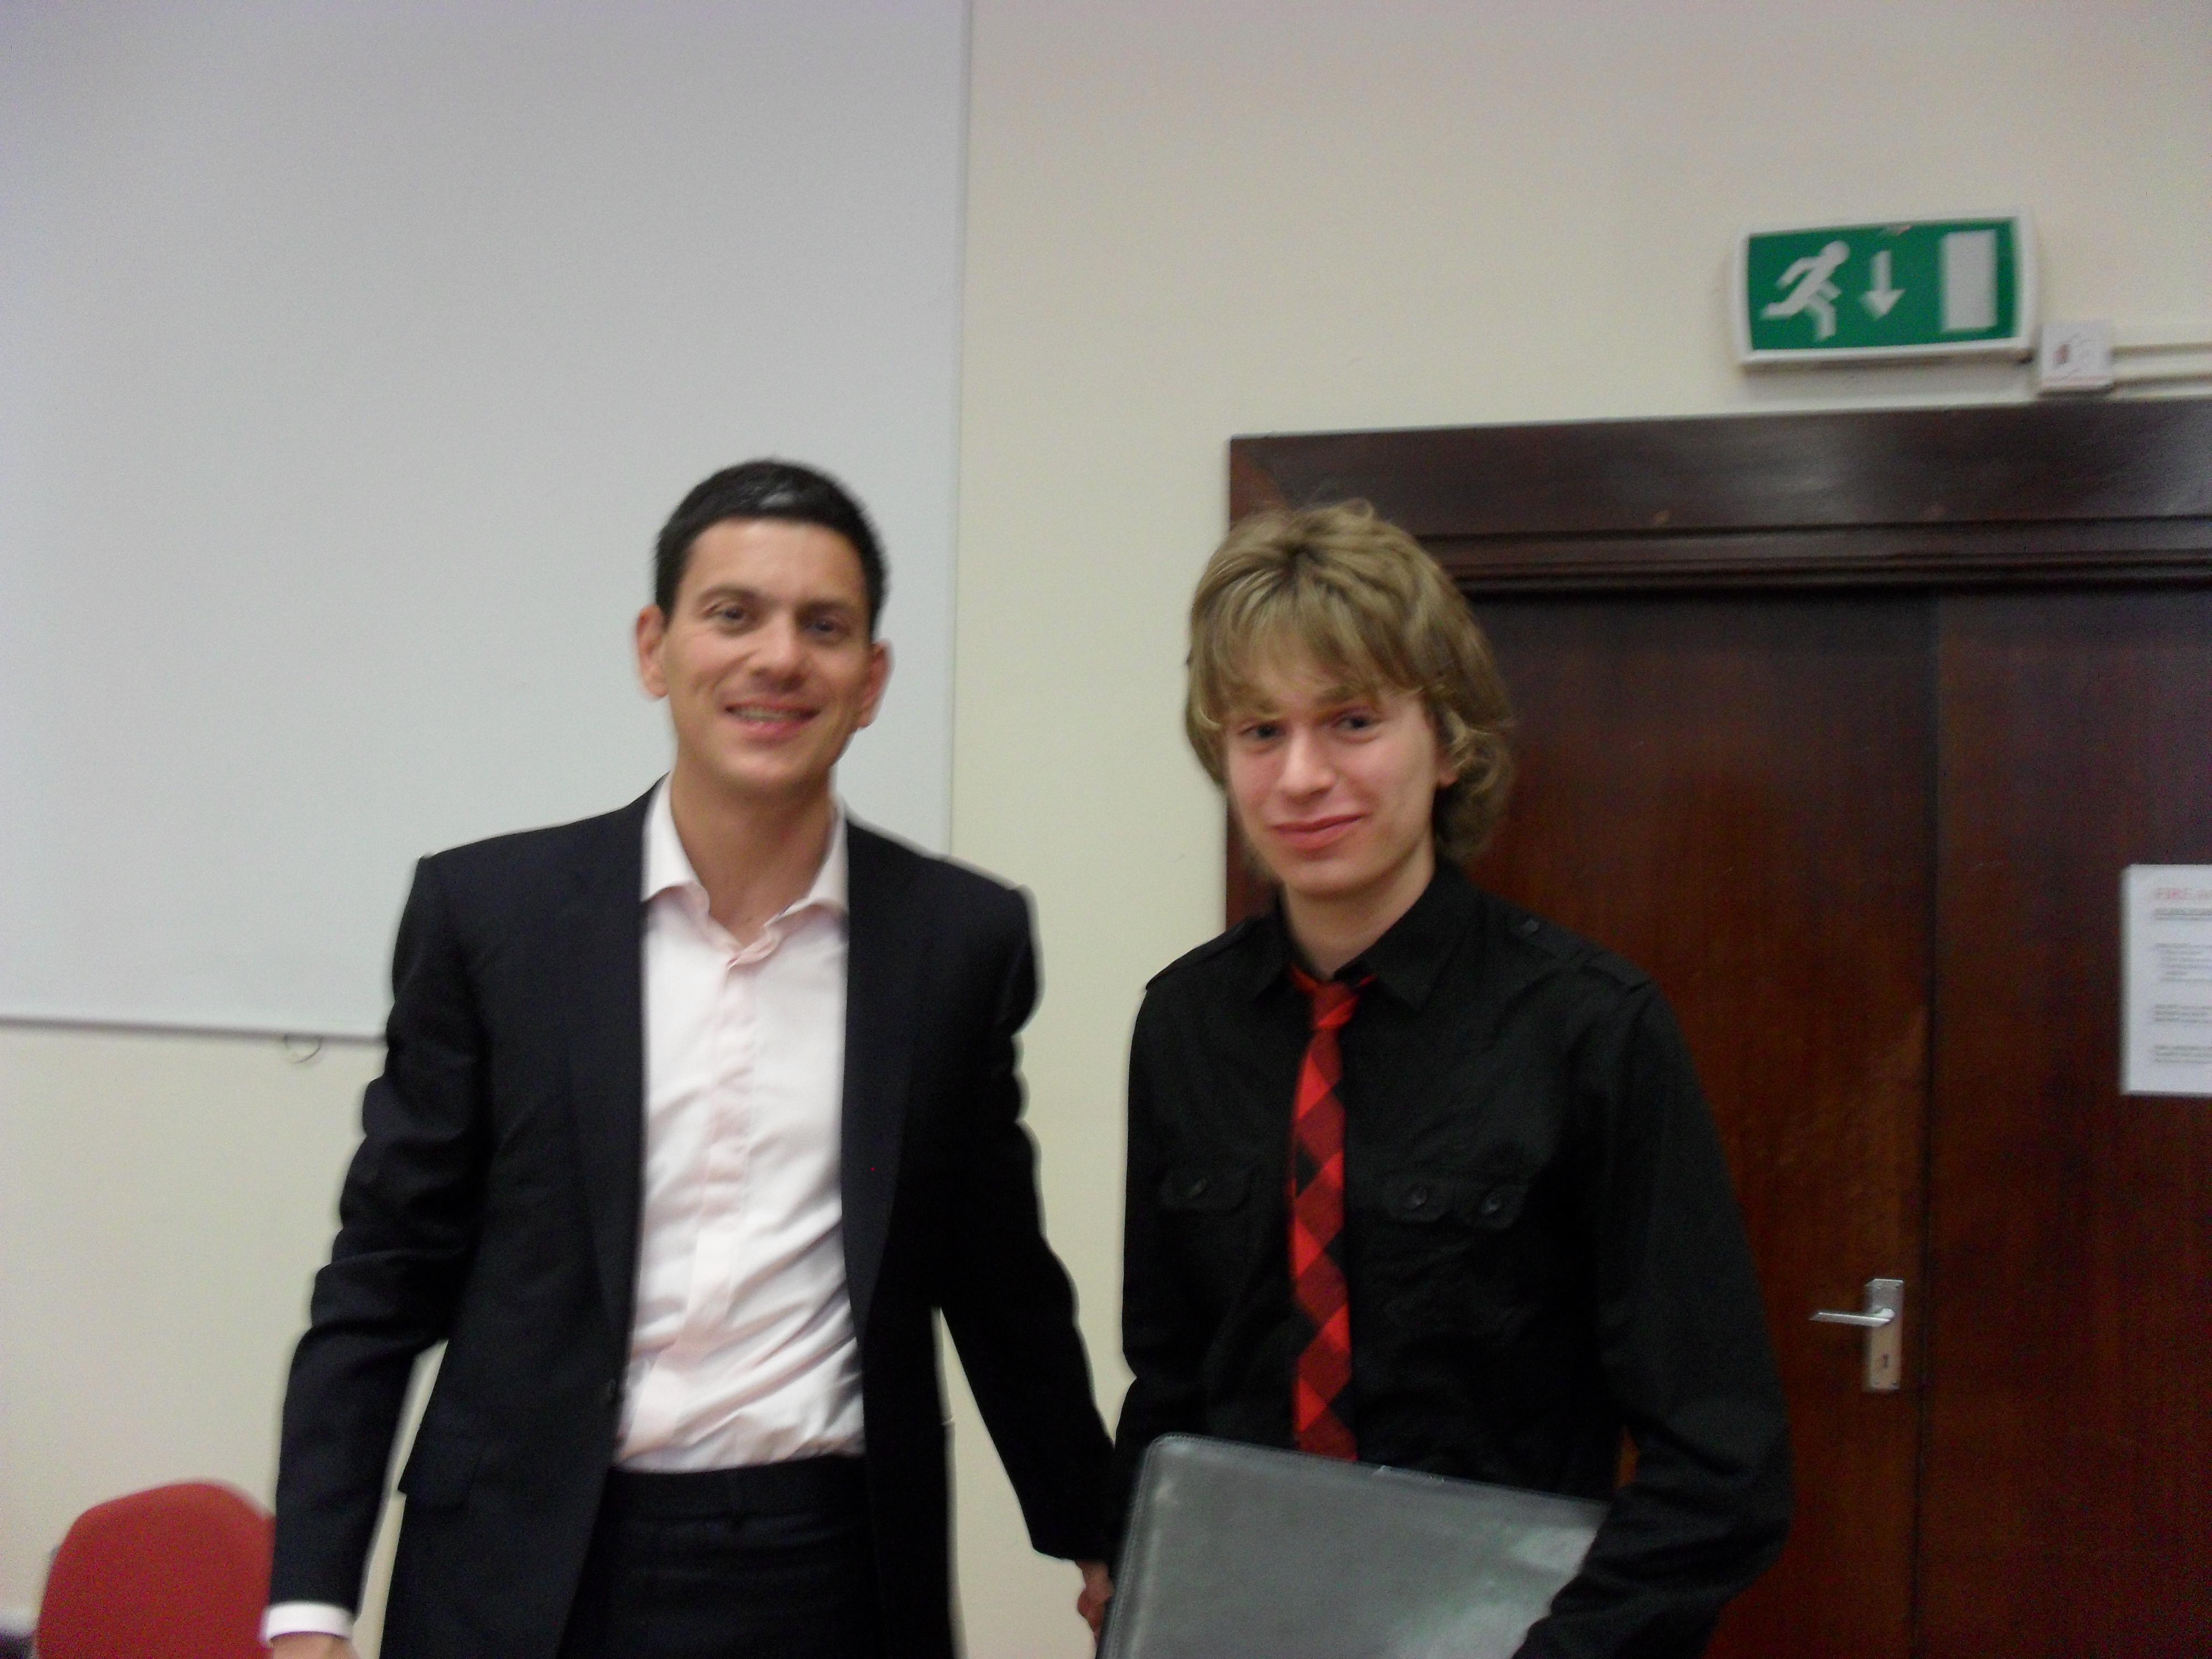 David and David 2010